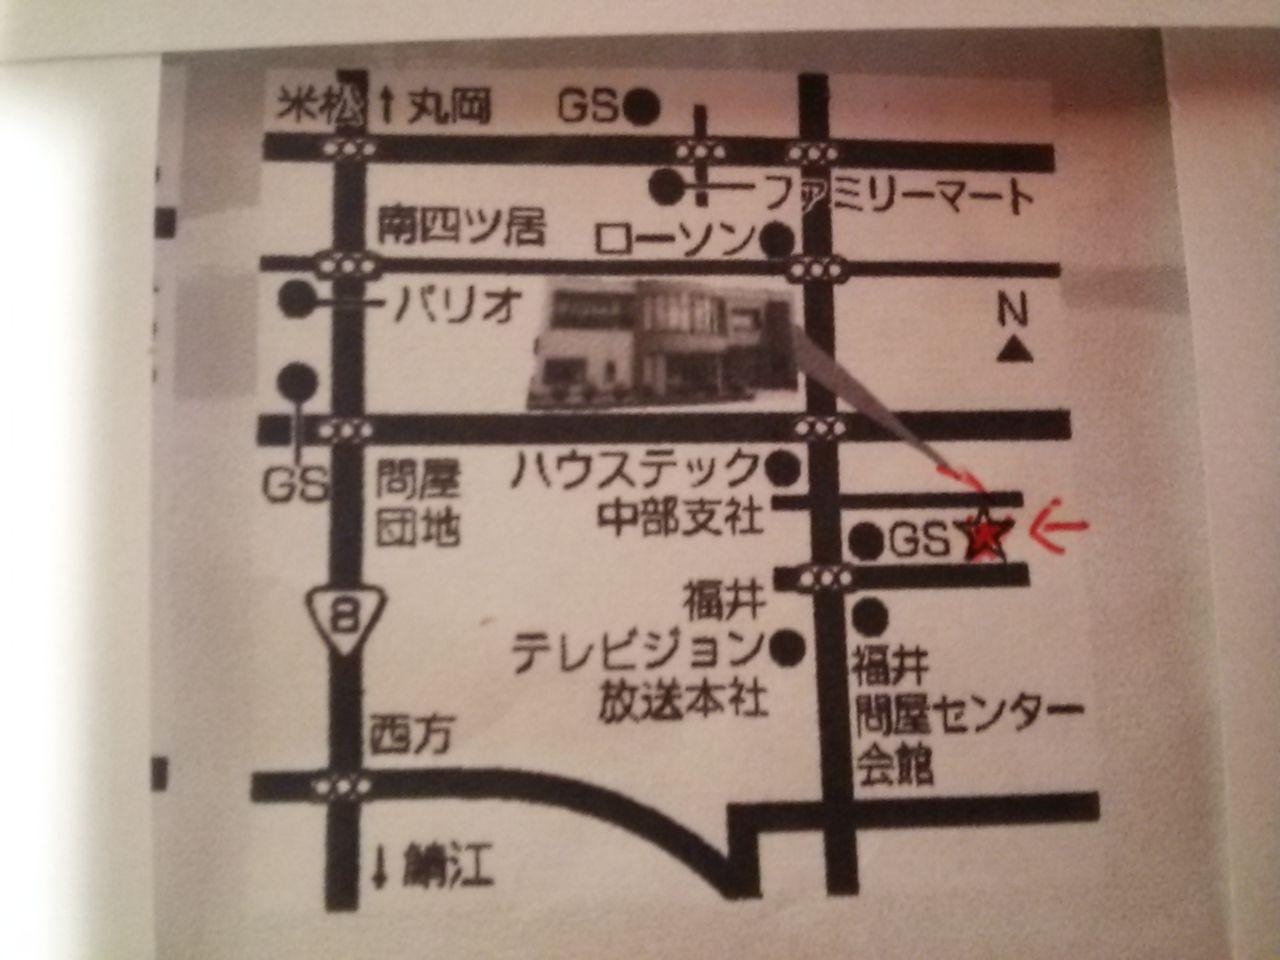 へたっぴゴルフ教室地図